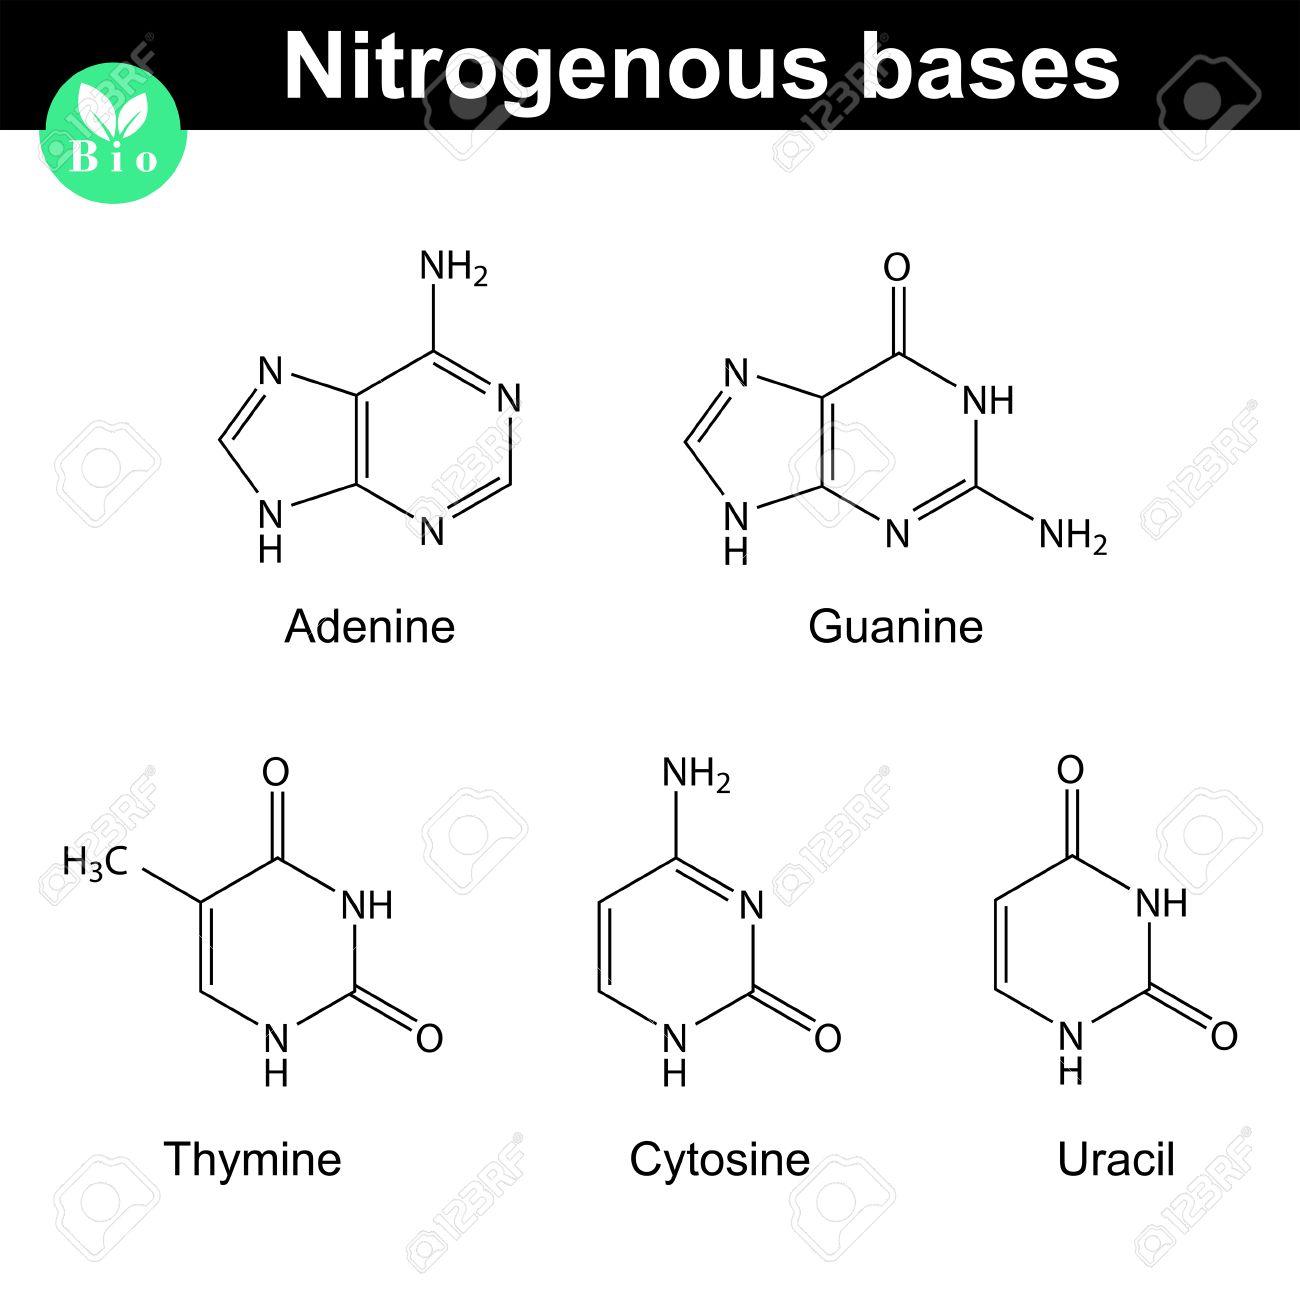 Bases Nitrogenadas Moléculas Estructuras Adenina Timina Guanina Citosina Y Uracilo Moleculares De Adn Y Arn Partes Ilustración Vectorial 2d